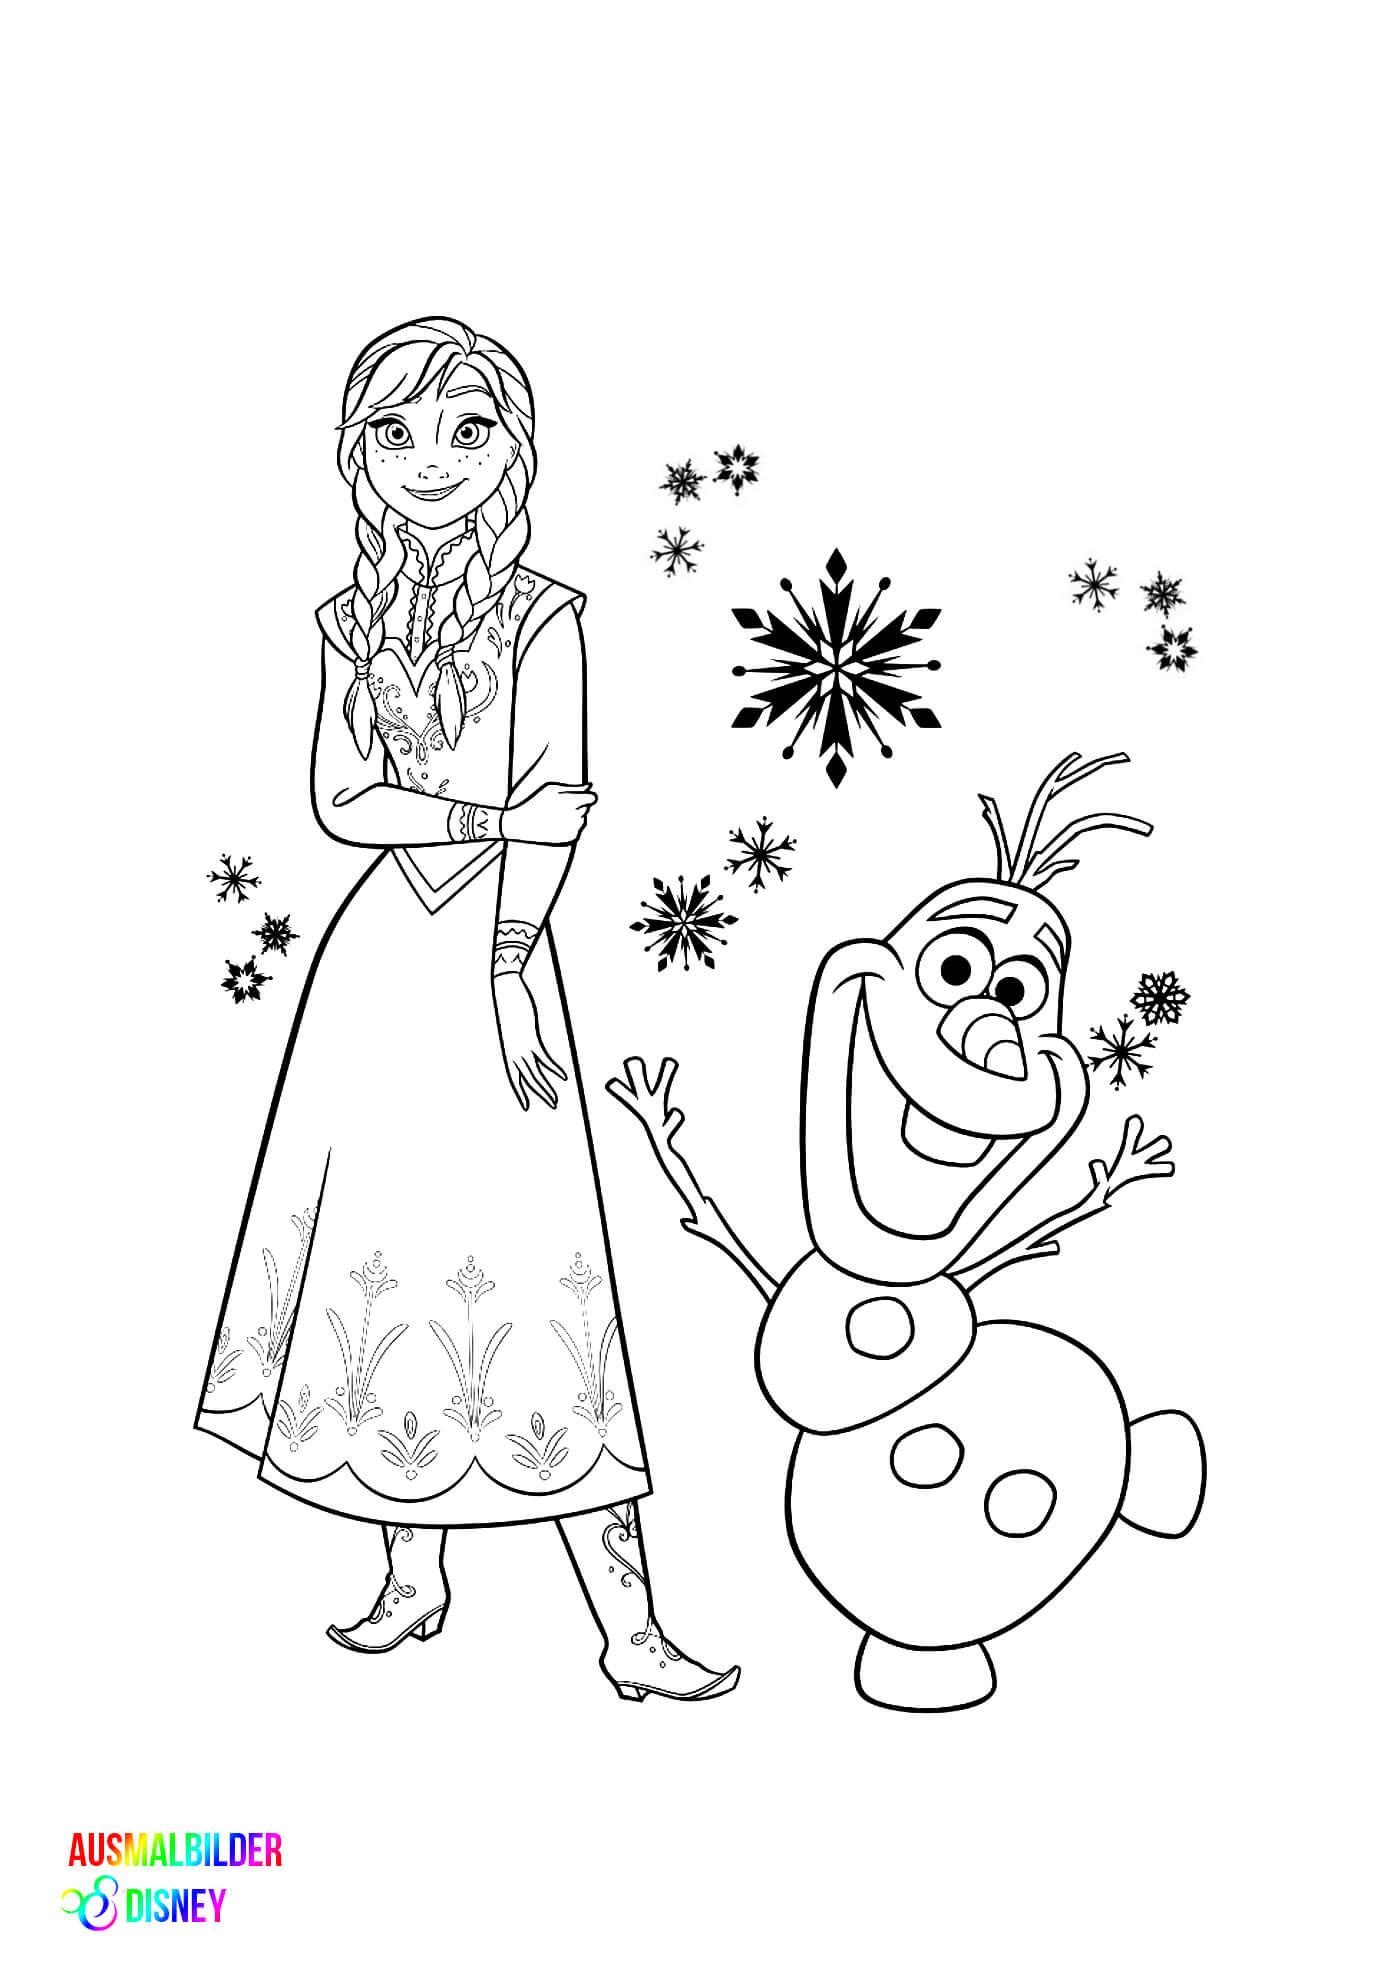 Ausmalbilder Disney Frozen  Frozen Disney Ausmalbilder – Ausmalbilder Disney